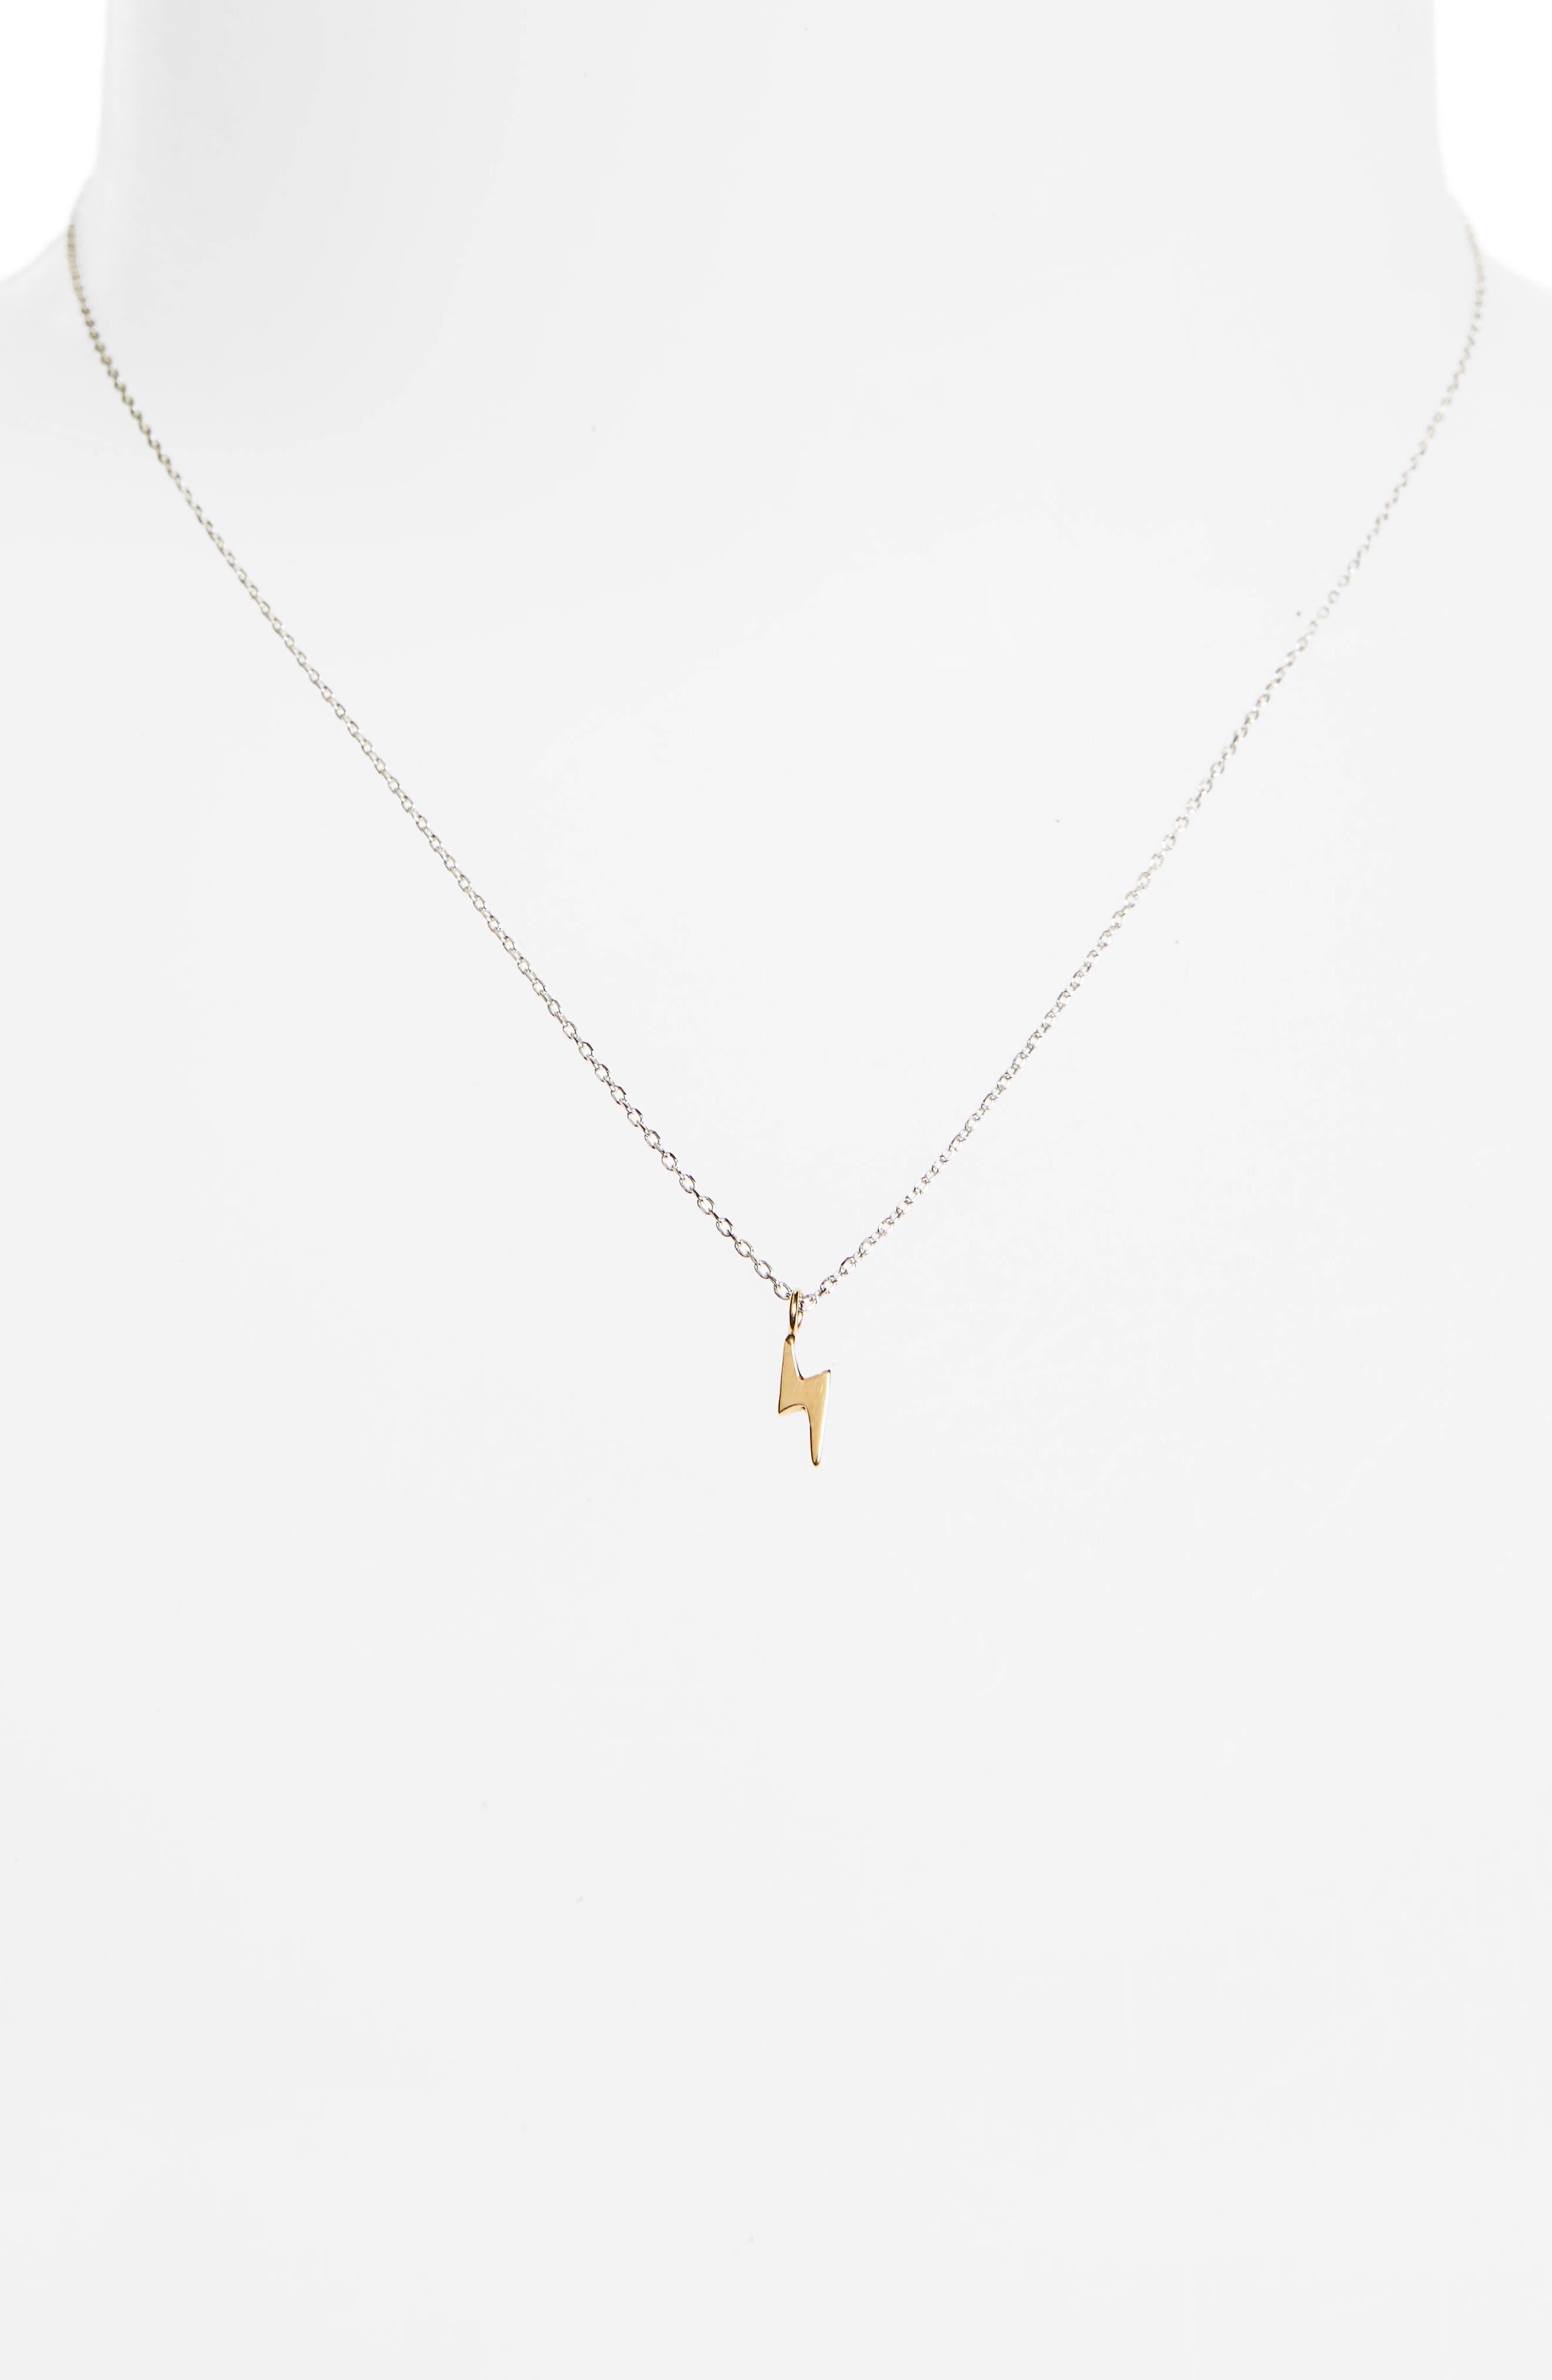 Vermeil Pendant Necklace,                             Alternate thumbnail 2, color,                             LIGHTENING/ GOLD